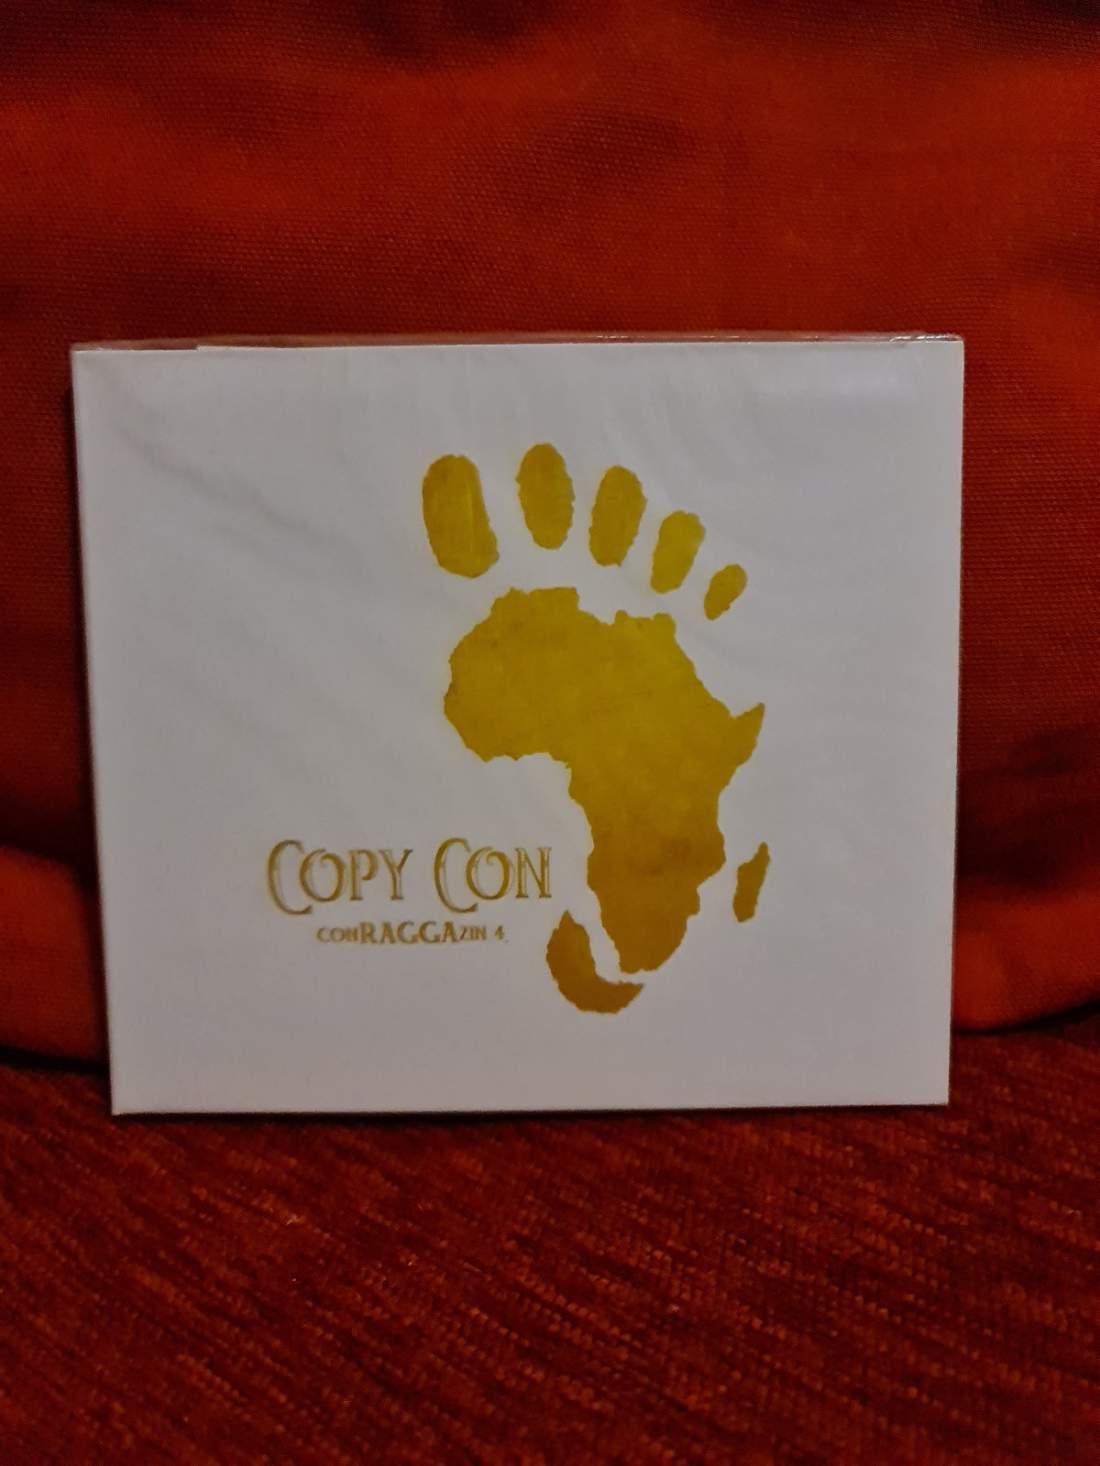 COPY CON - CONRAGGAZIN 4 CD